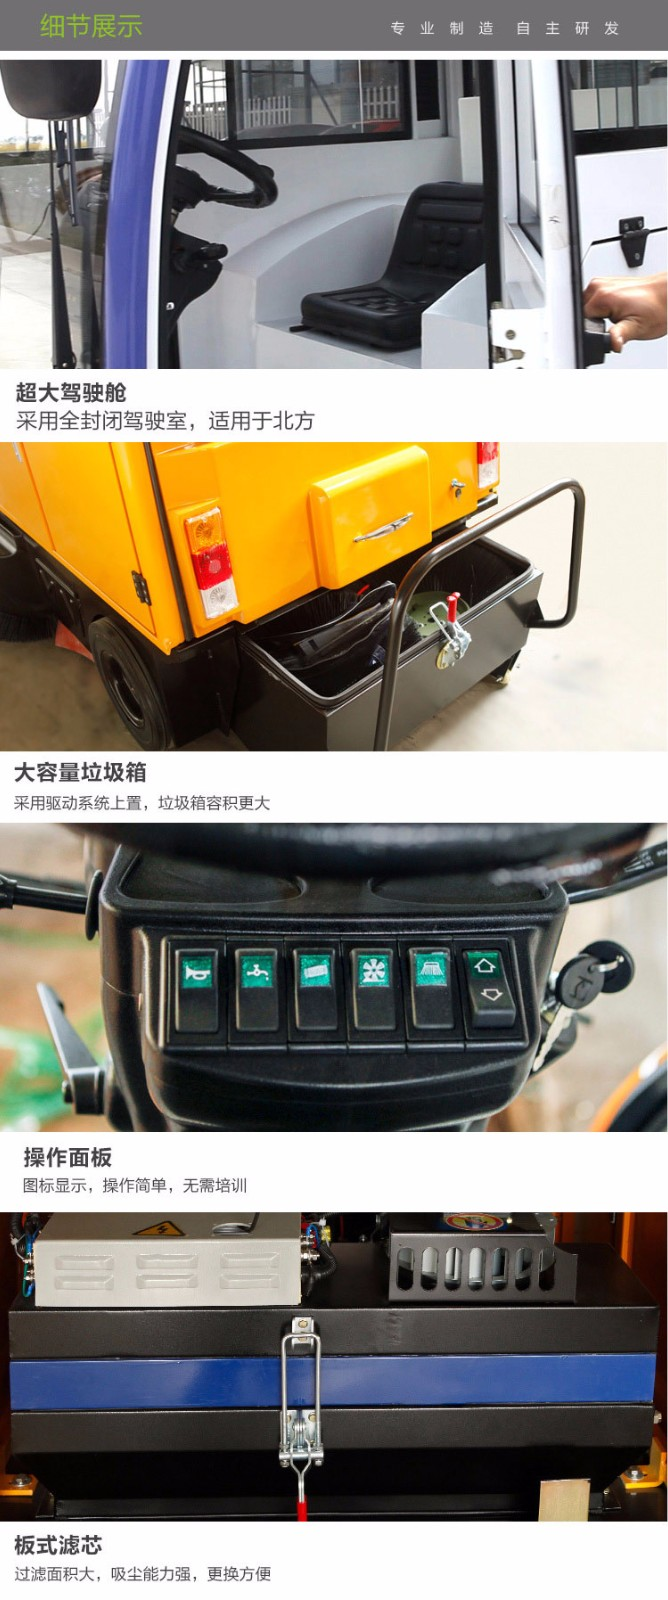 新疆封闭式扫地机MN-E800LC电瓶扫地车,大空间扫地更舒适,大容量尘箱更省时图片七